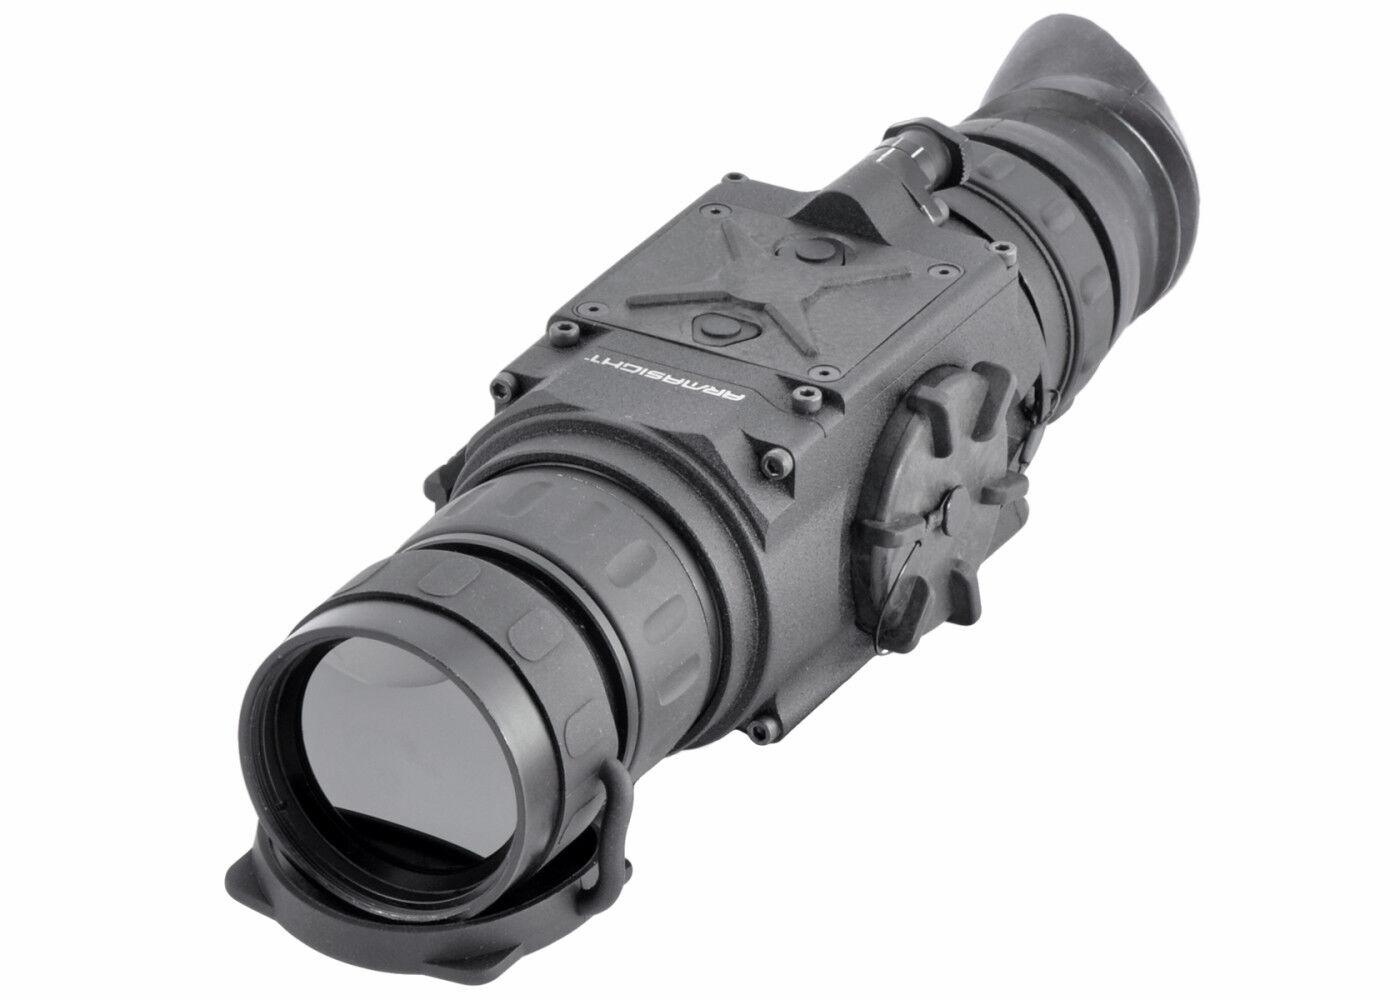 ARMASIGHT by FLIR Prometheus 336 3-12x50  Thermal Imaging Mo